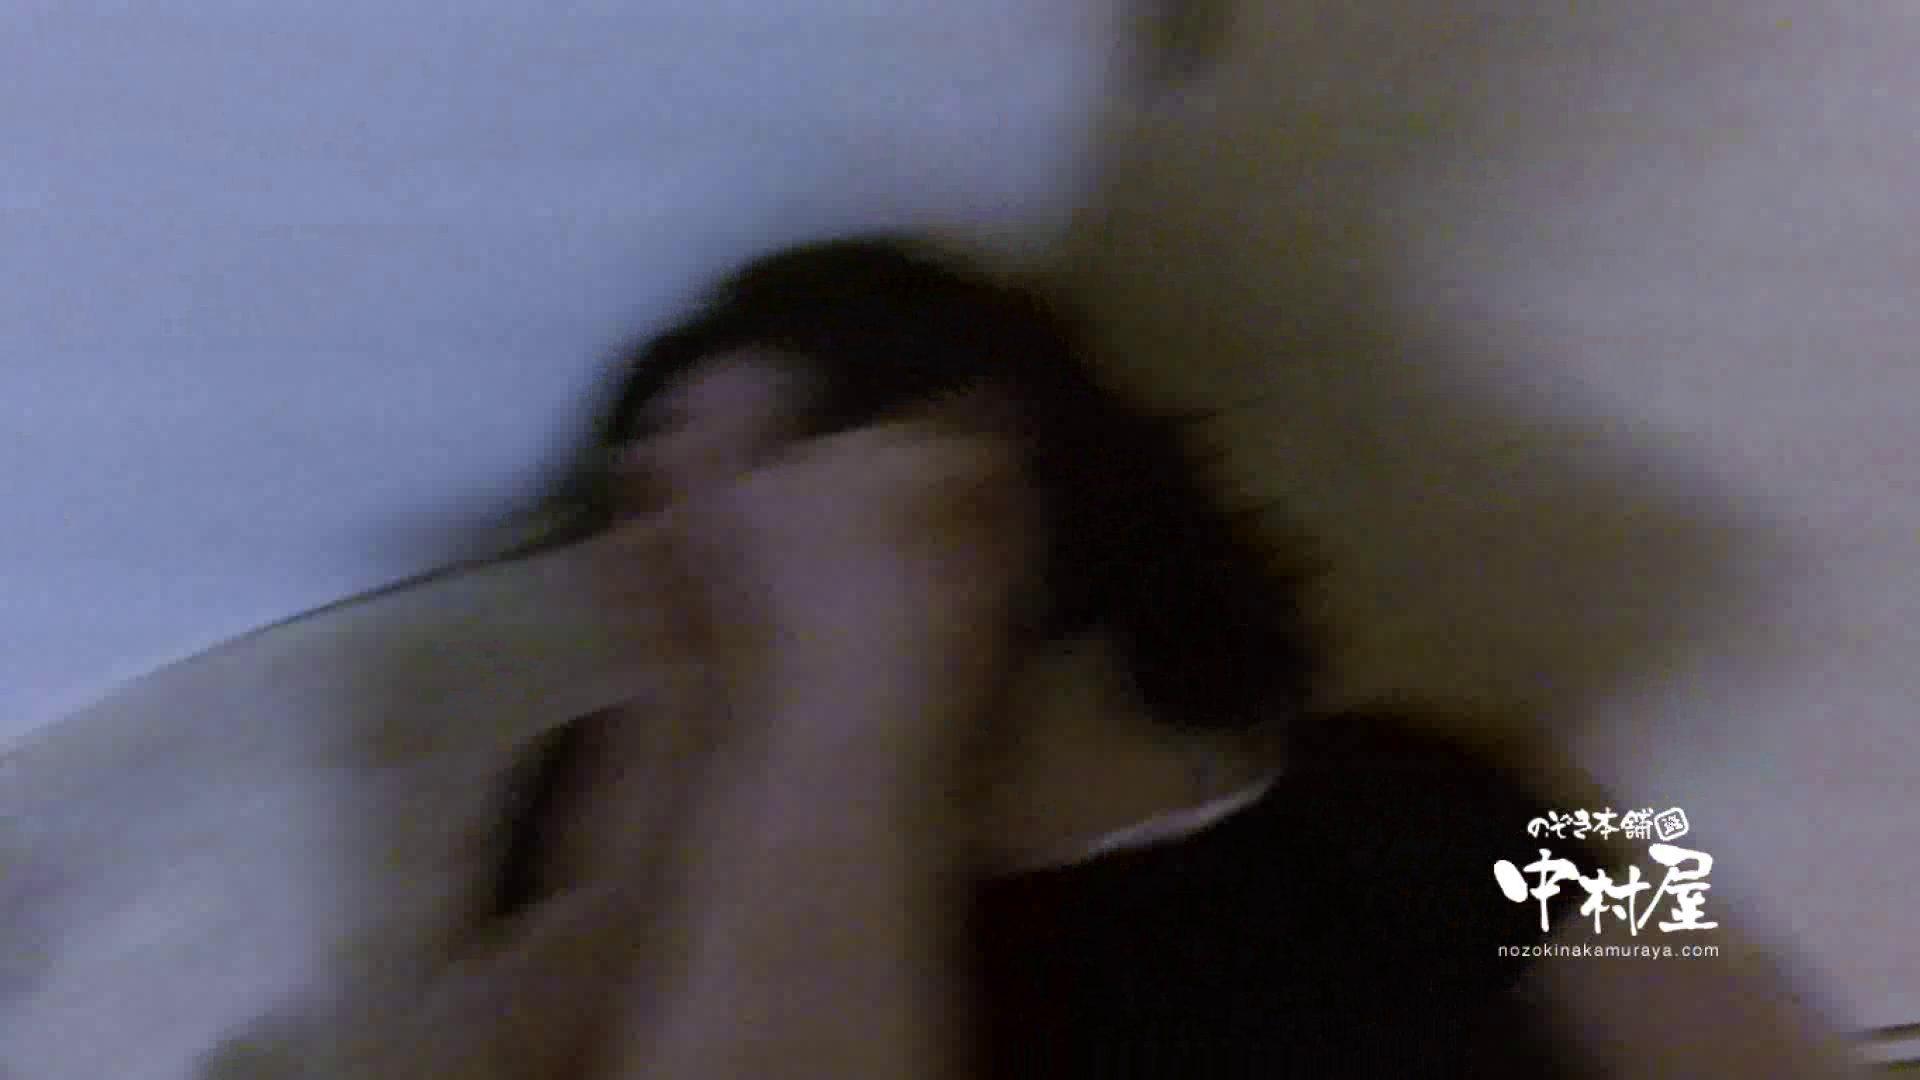 鬼畜 vol.06 中出し処刑! 前編 鬼畜 | OLエロ画像  109PICs 109